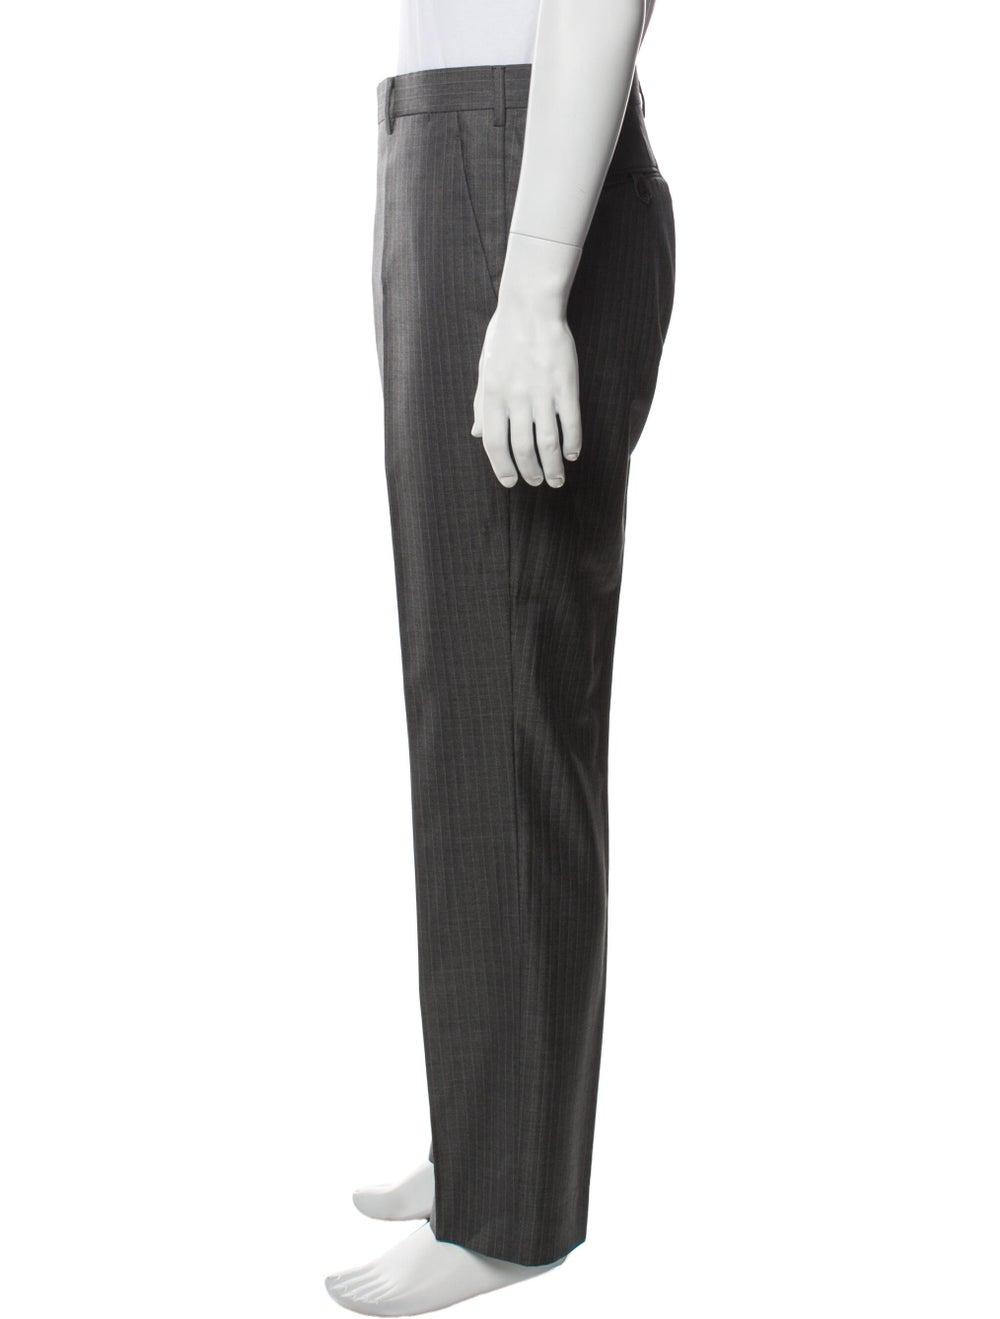 Prada Virgin Wool Dress Pants Wool - image 2